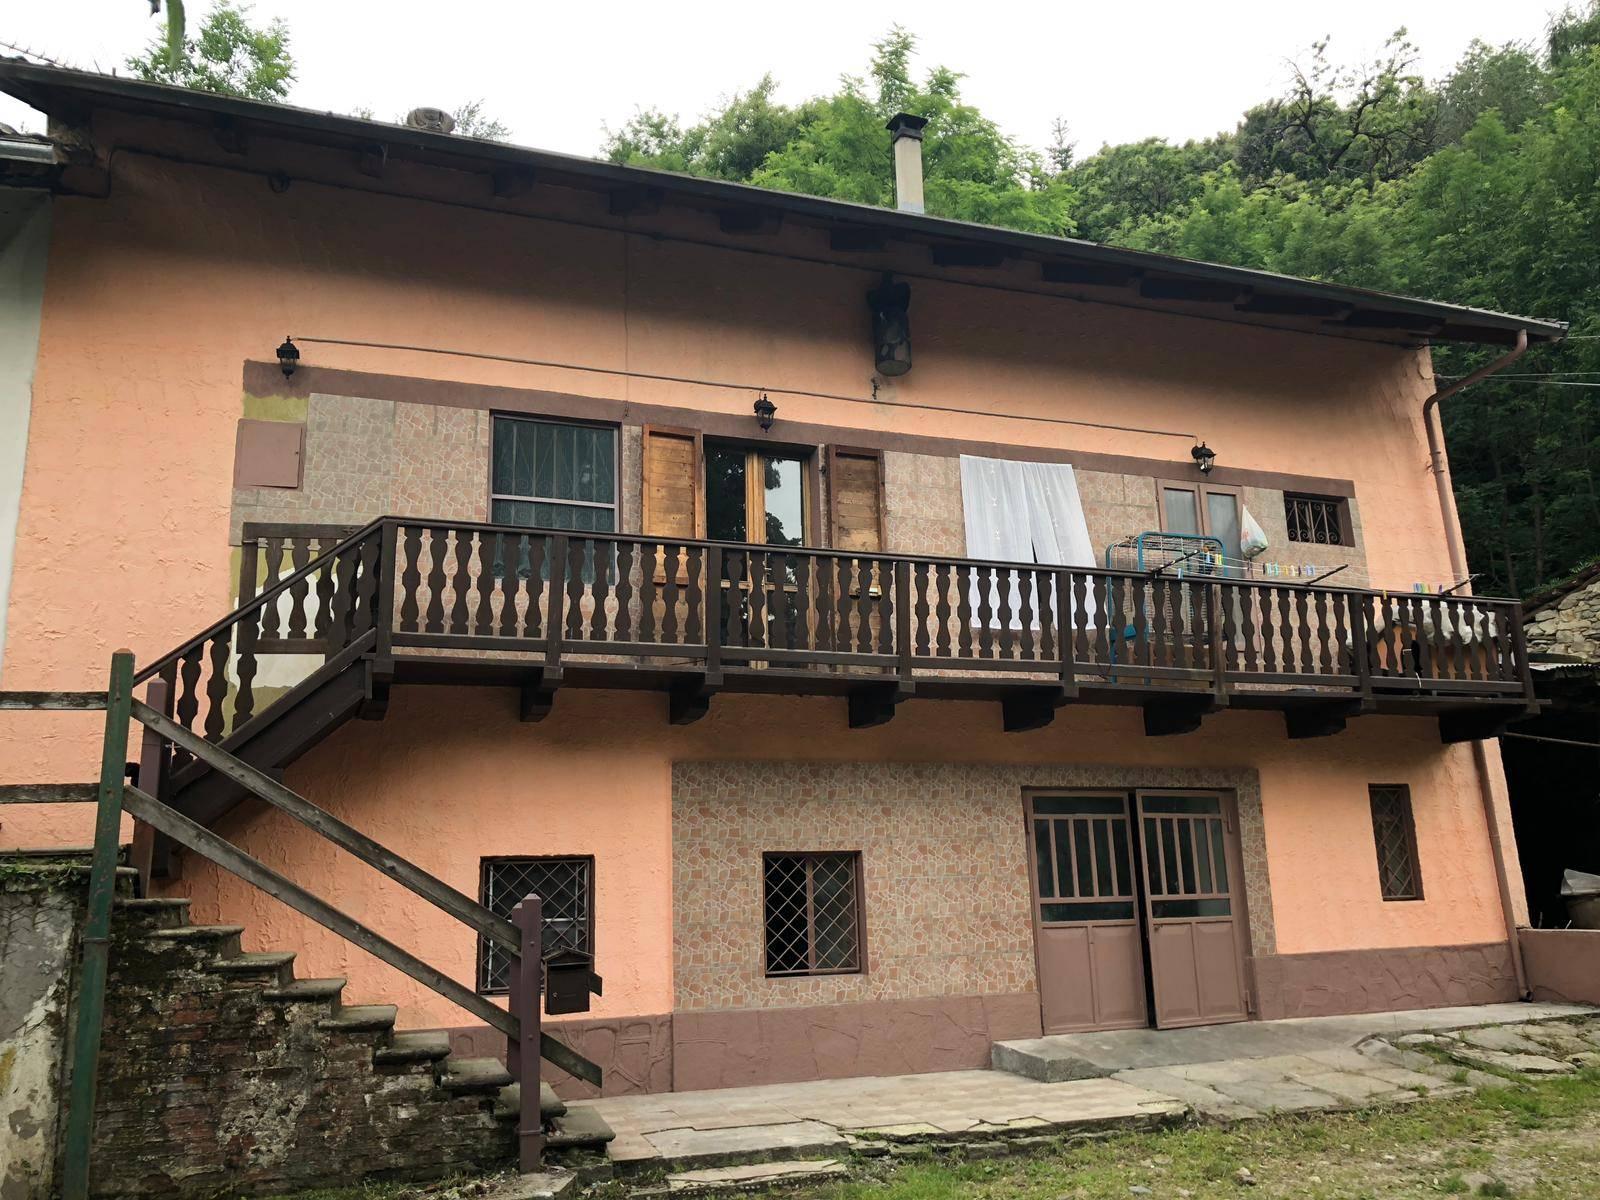 Sant'Antonino Susa (TO): Semindipendente con terreno saldo e stralcio